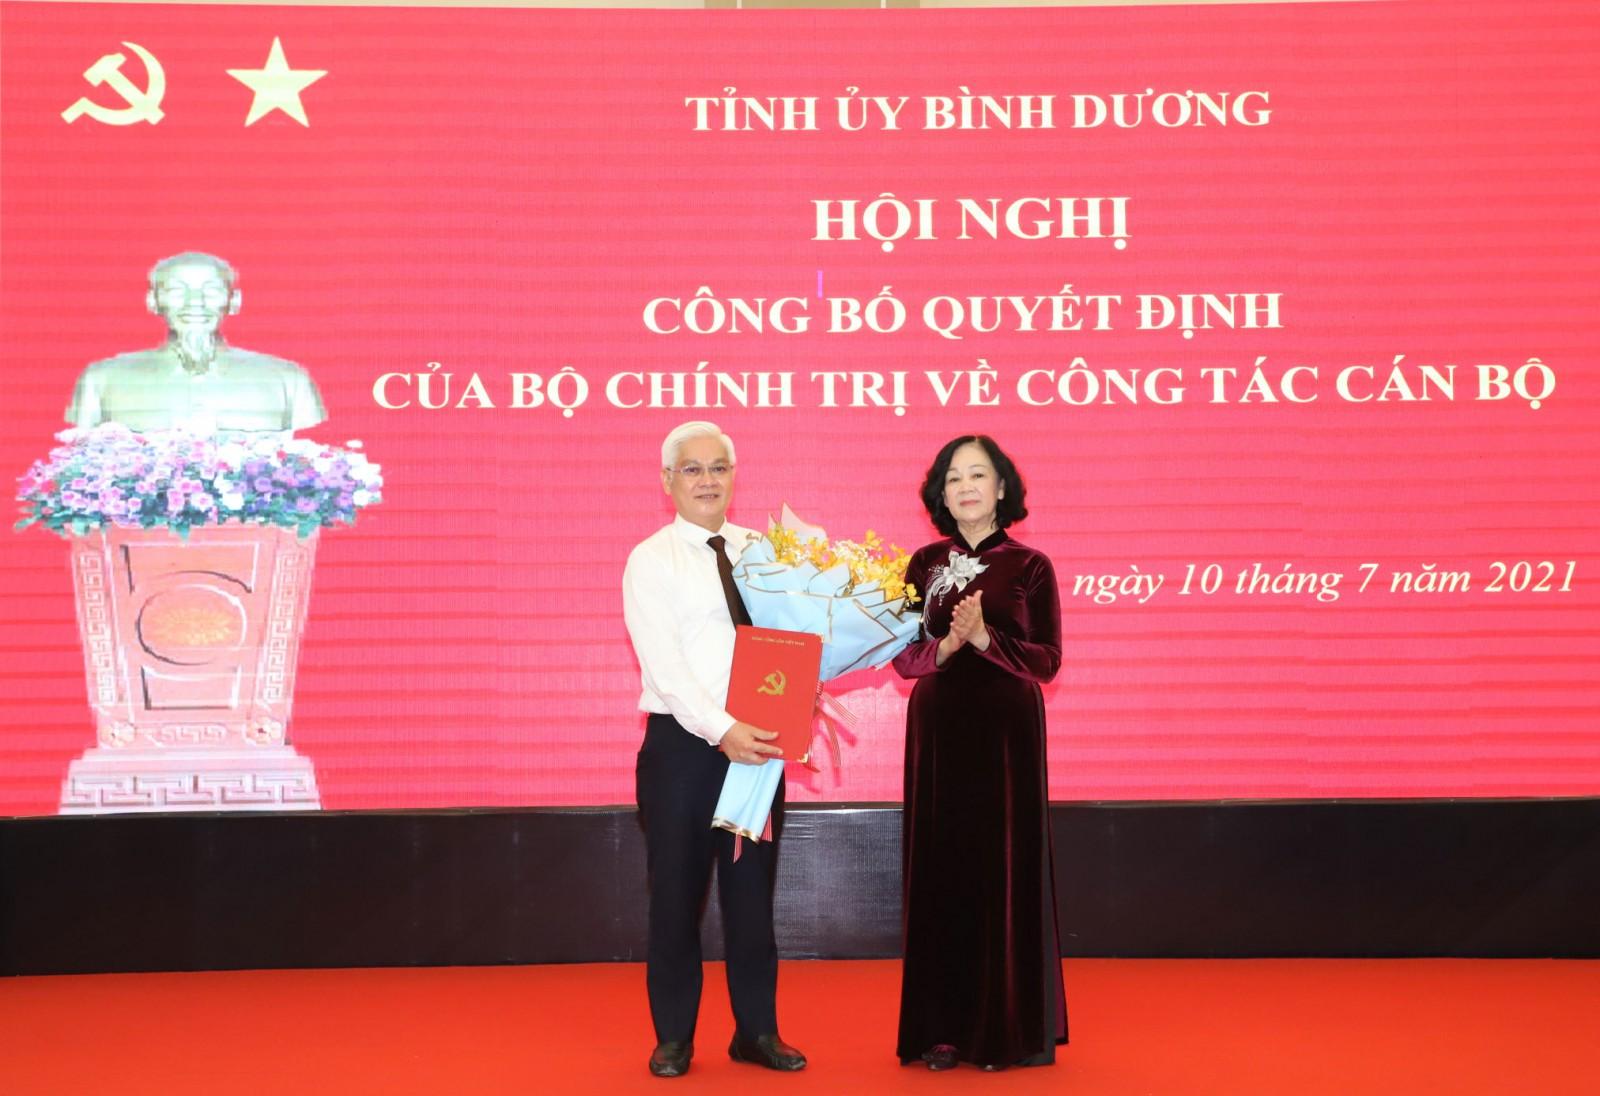 Đồng chí Trương Thị Mai trao quyết định và chúc mừng đồng chí Nguyễn Văn Lợi.